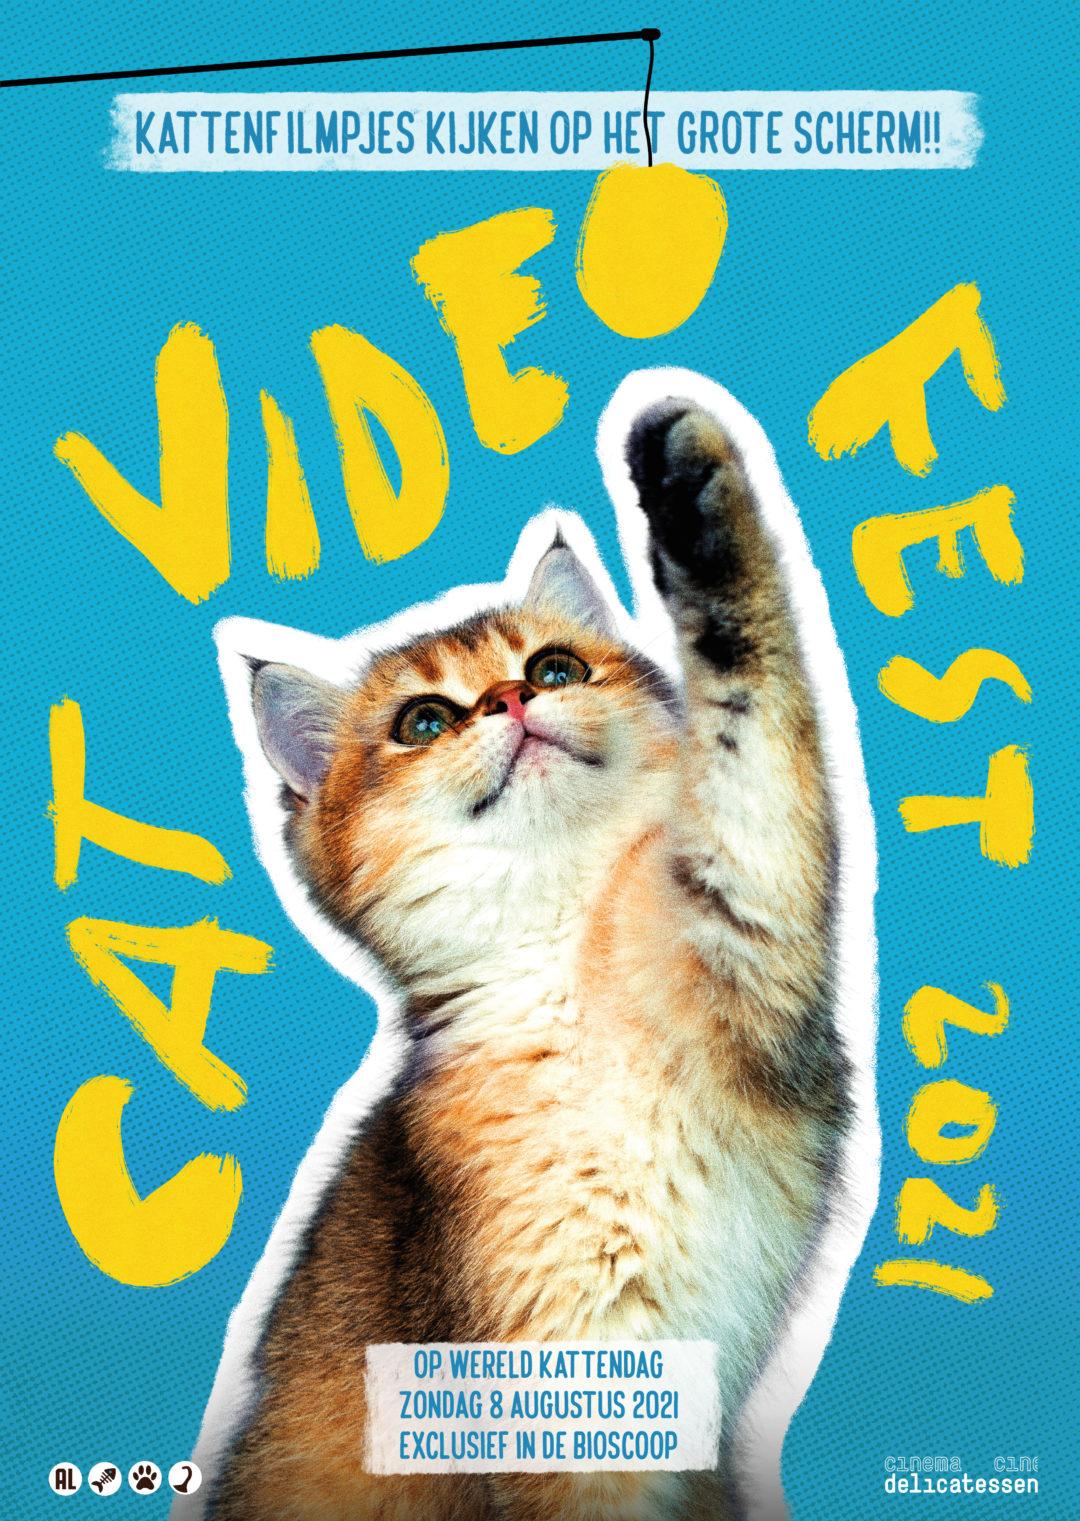 CatVideoFest-2021_ps_1_jpg_sd-high.jpg